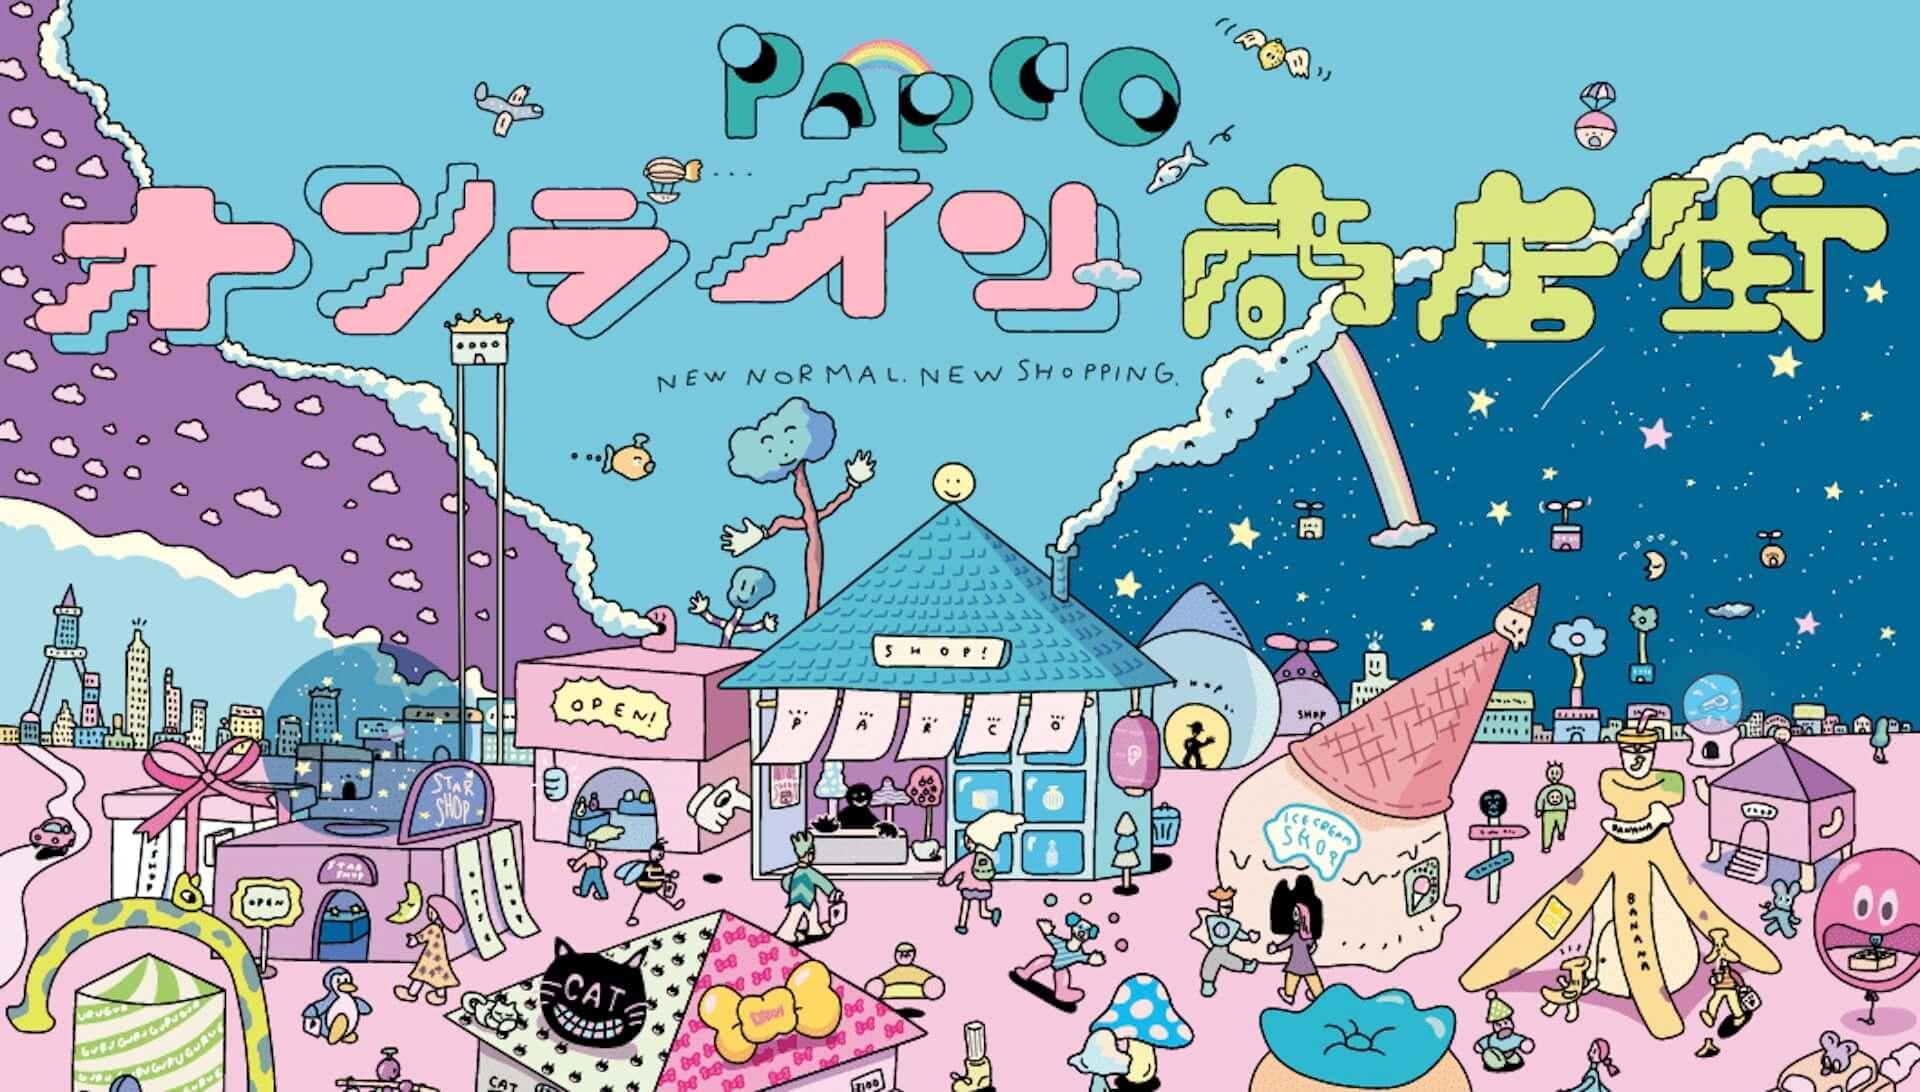 """渋谷PARCOによる販売企画<Closet is """"everywhere"""">が開催決定!高橋愛、中田みのりらが秋冬アイテムを紹介するライブショッピングも実施 lf201013_parco-closetiseverywhere_5-1920x1092"""